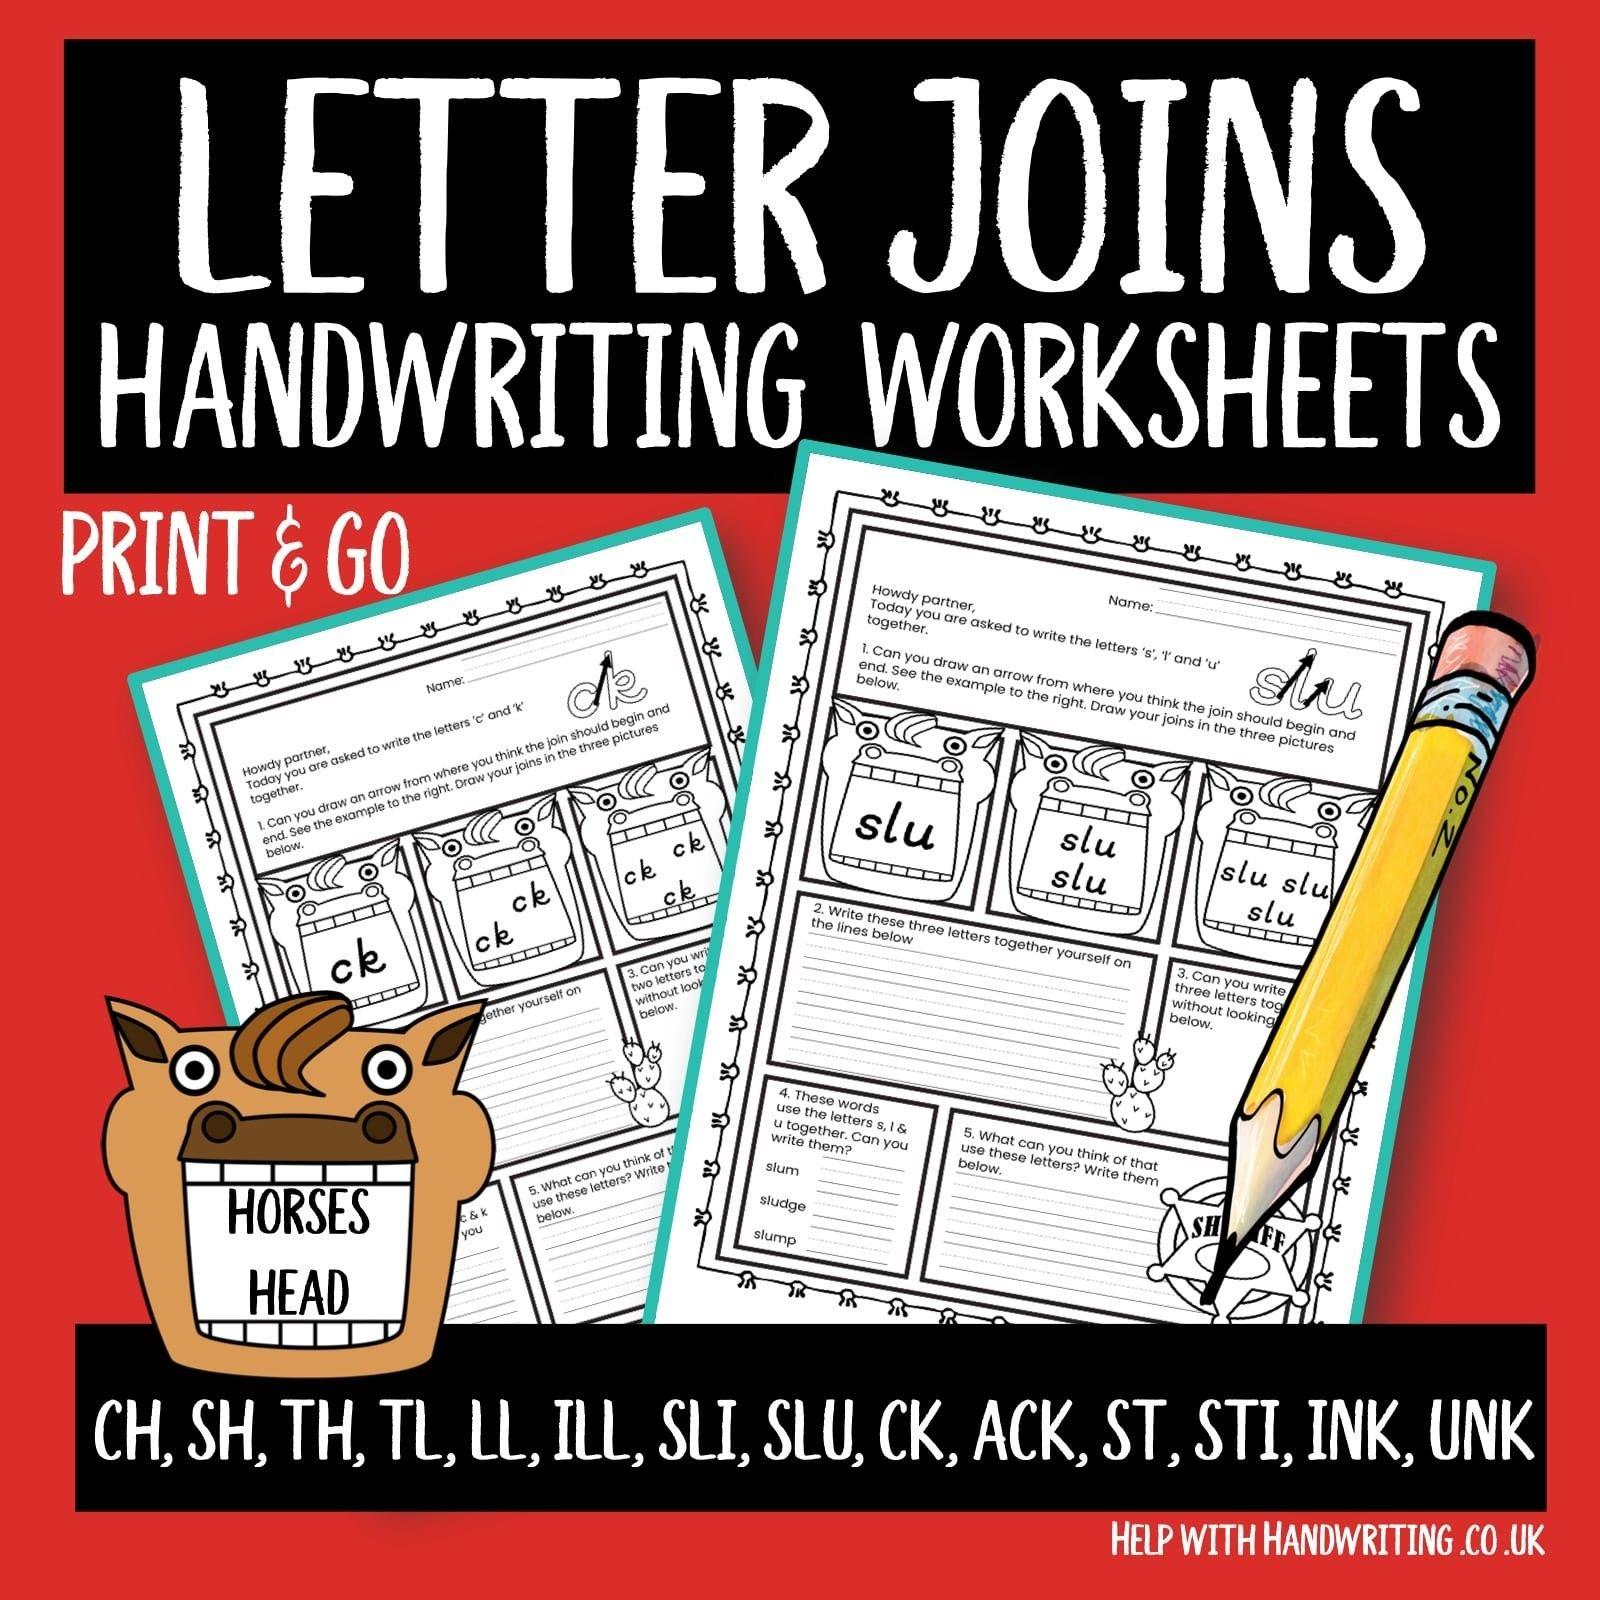 Worksheet Cursive Writing Worksheets Cursive Letter Joins Top